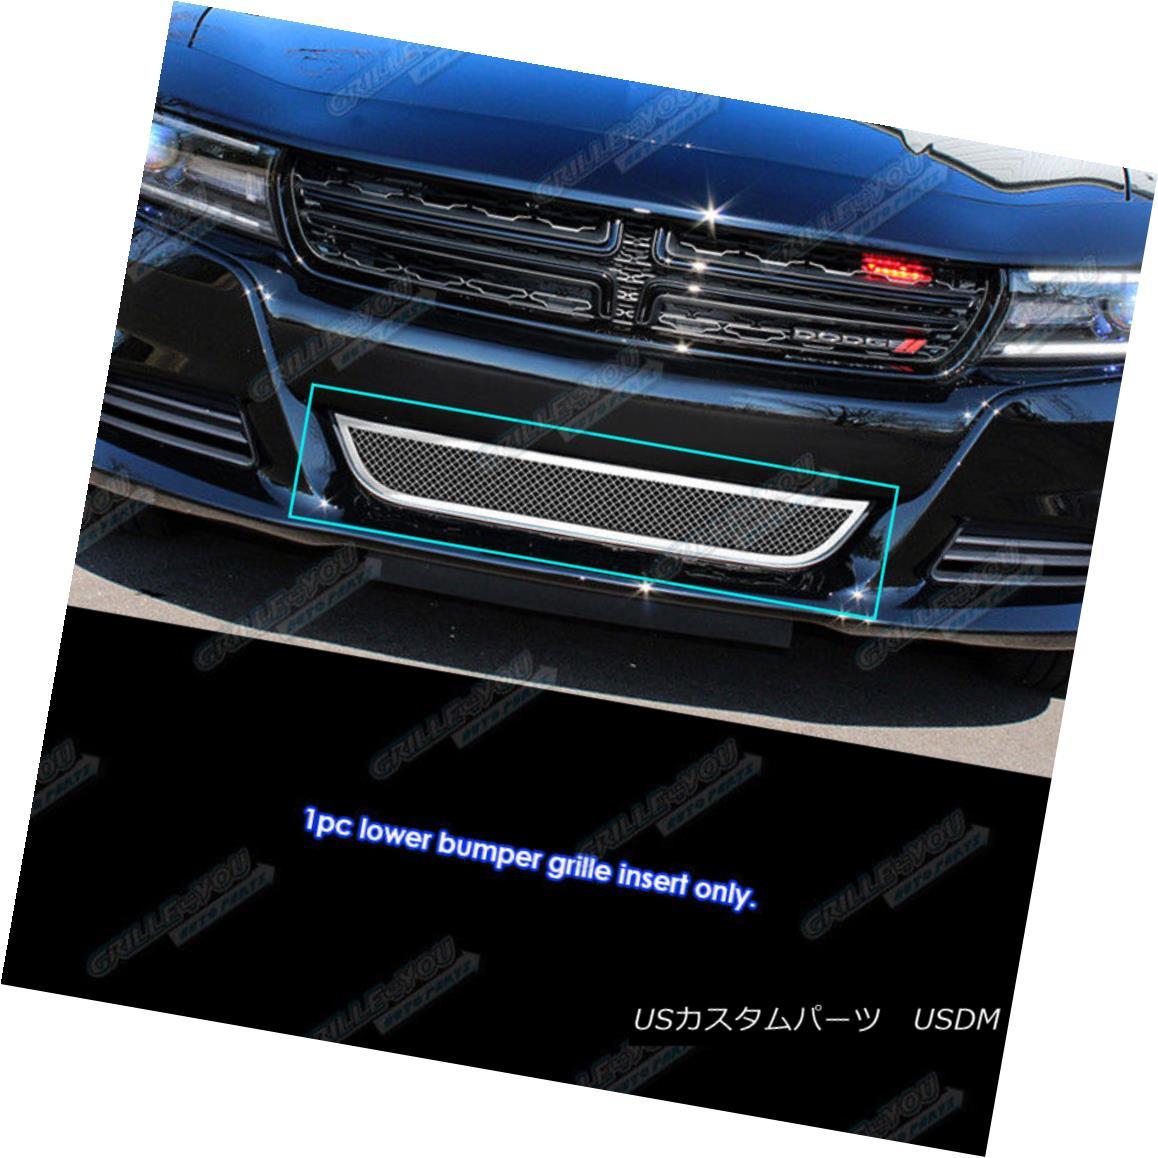 グリル Fits 15-16 Dodge Charger No Adaptor Control Stainless Chrome Mesh Bumper Grille 15-16ダッジチャージャーに適合アダプターコントロールなしステンレスクロムメッシュバンパーグリル